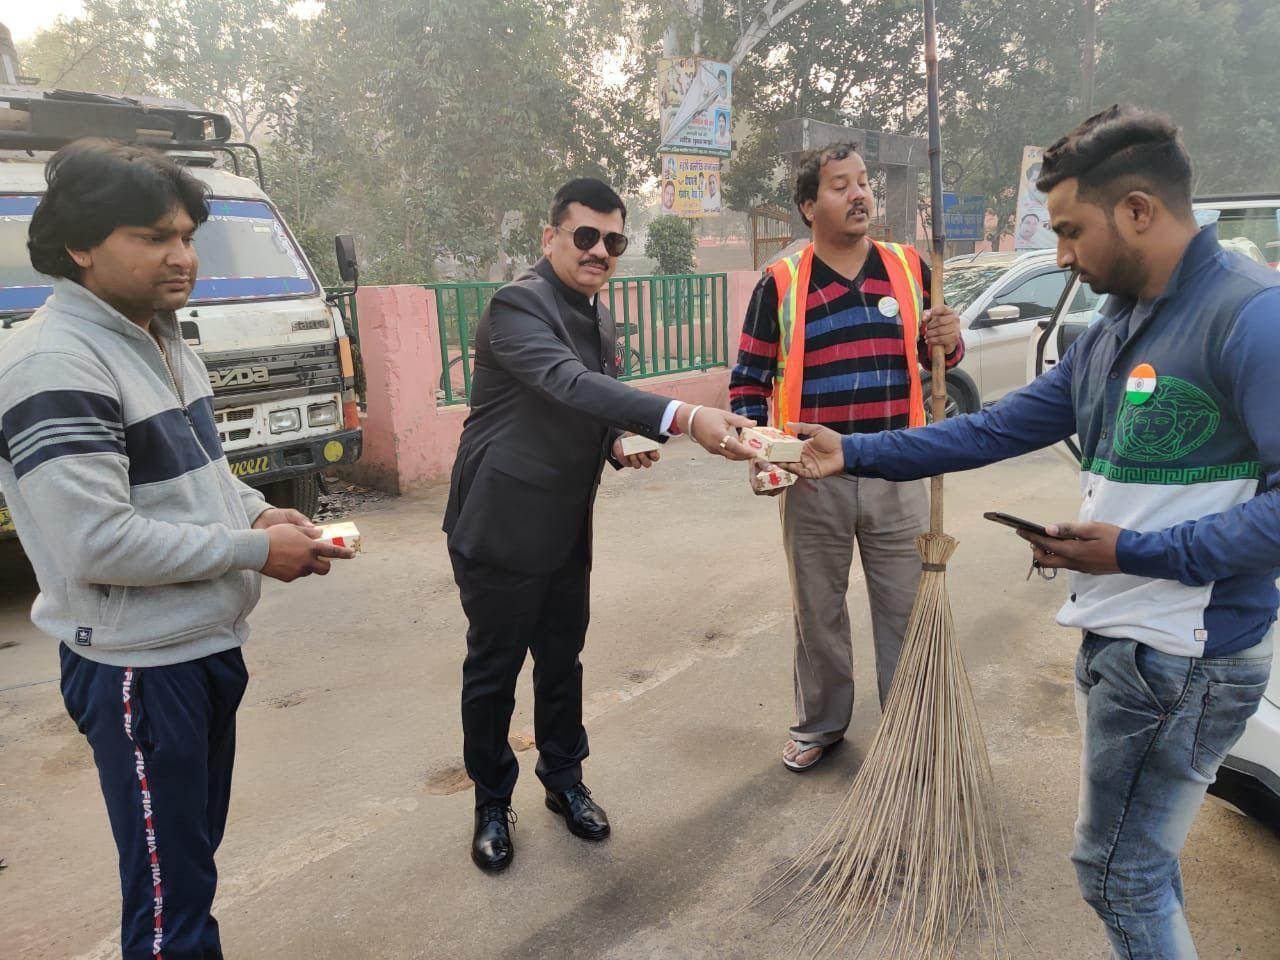 सफाई कर्मचारियों को मिठाई का पैकेट बांटते हुए नगर आयुक्त दिनेश चंद्र सिंह।